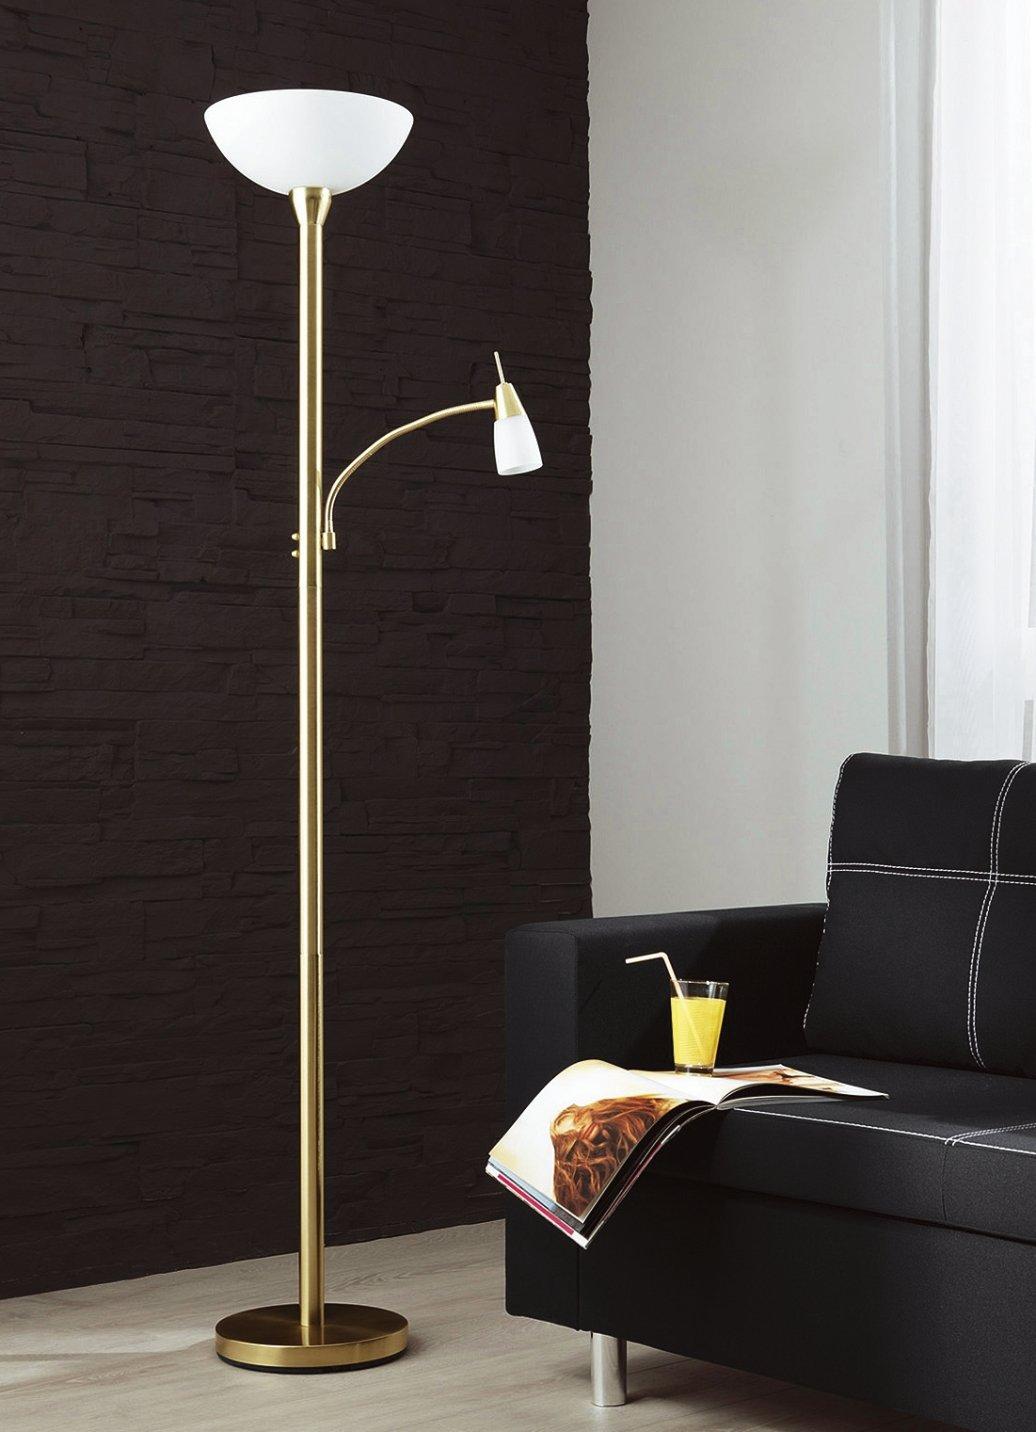 led deckenfluter mit leselampe stehlampe stehleuchte messing lampe leuchte. Black Bedroom Furniture Sets. Home Design Ideas